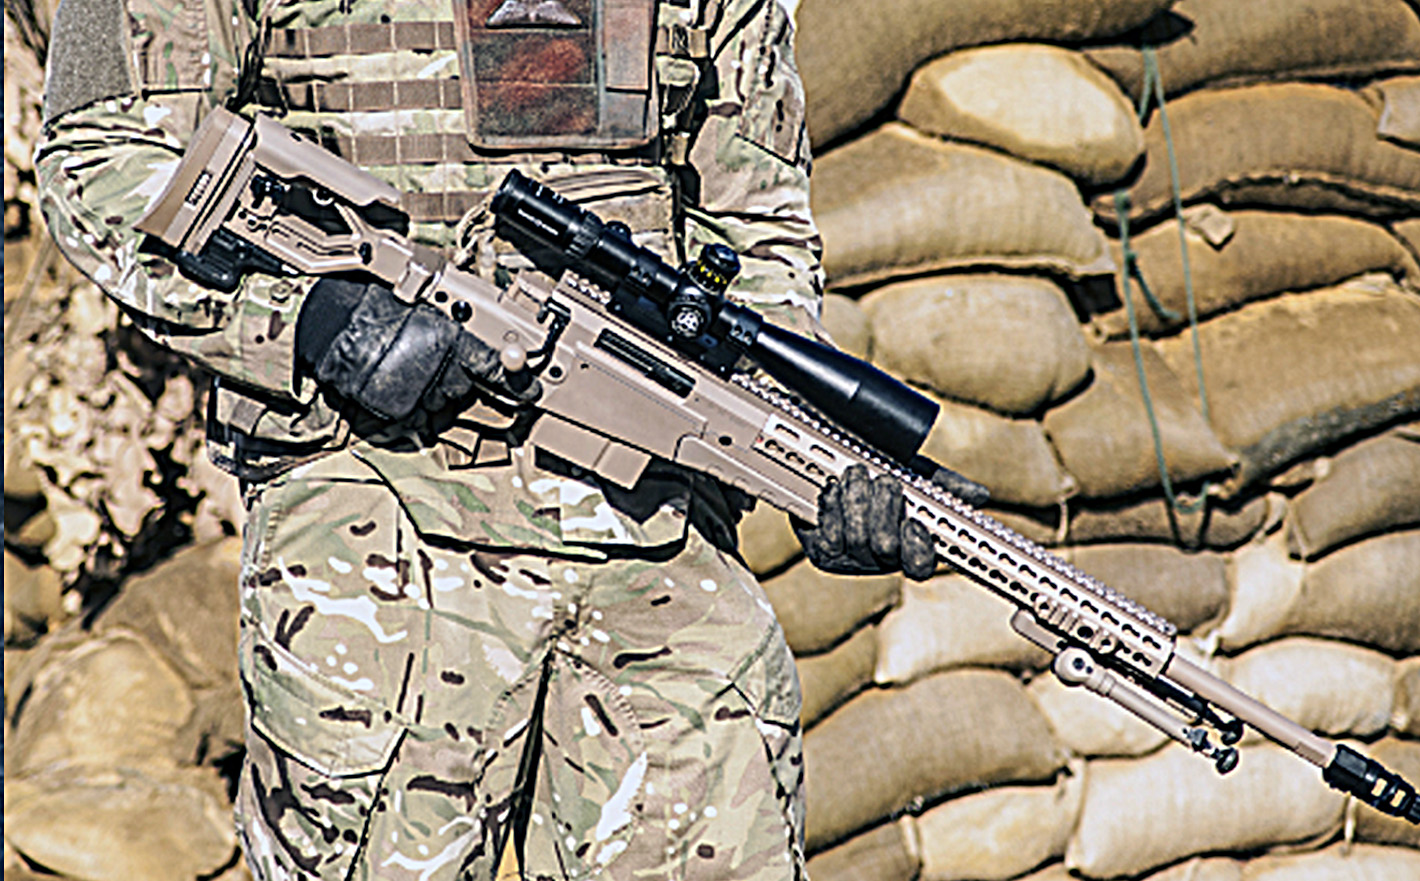 Skärmavbild på AX338 från www.accuracyinternational.com.